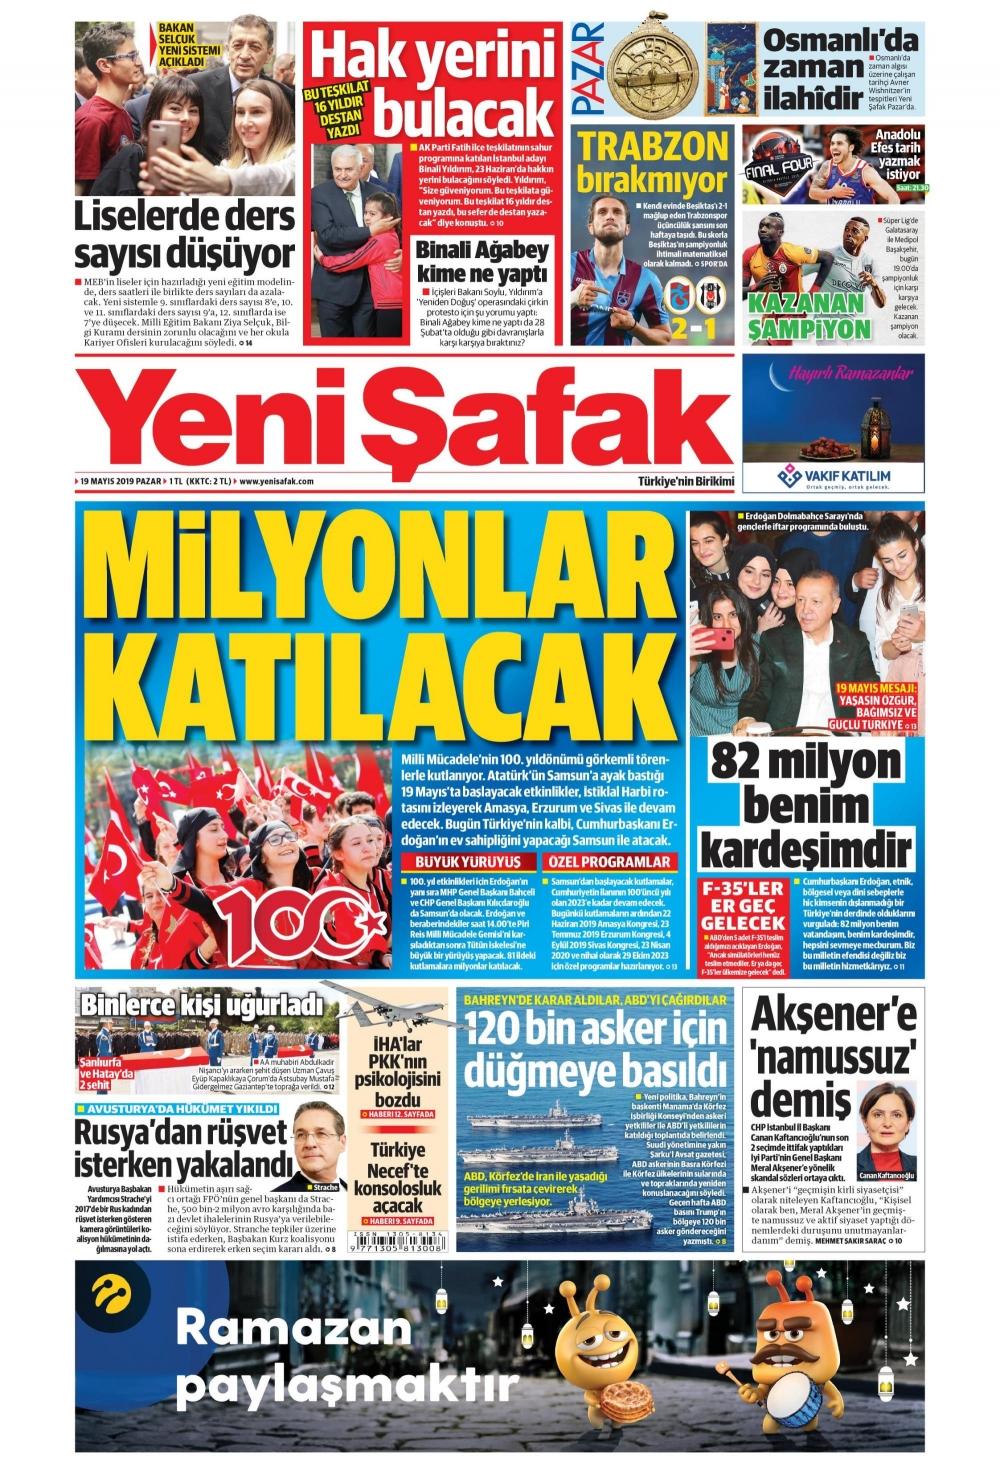 Günün gazete manşetleri (19.05.2019) 1